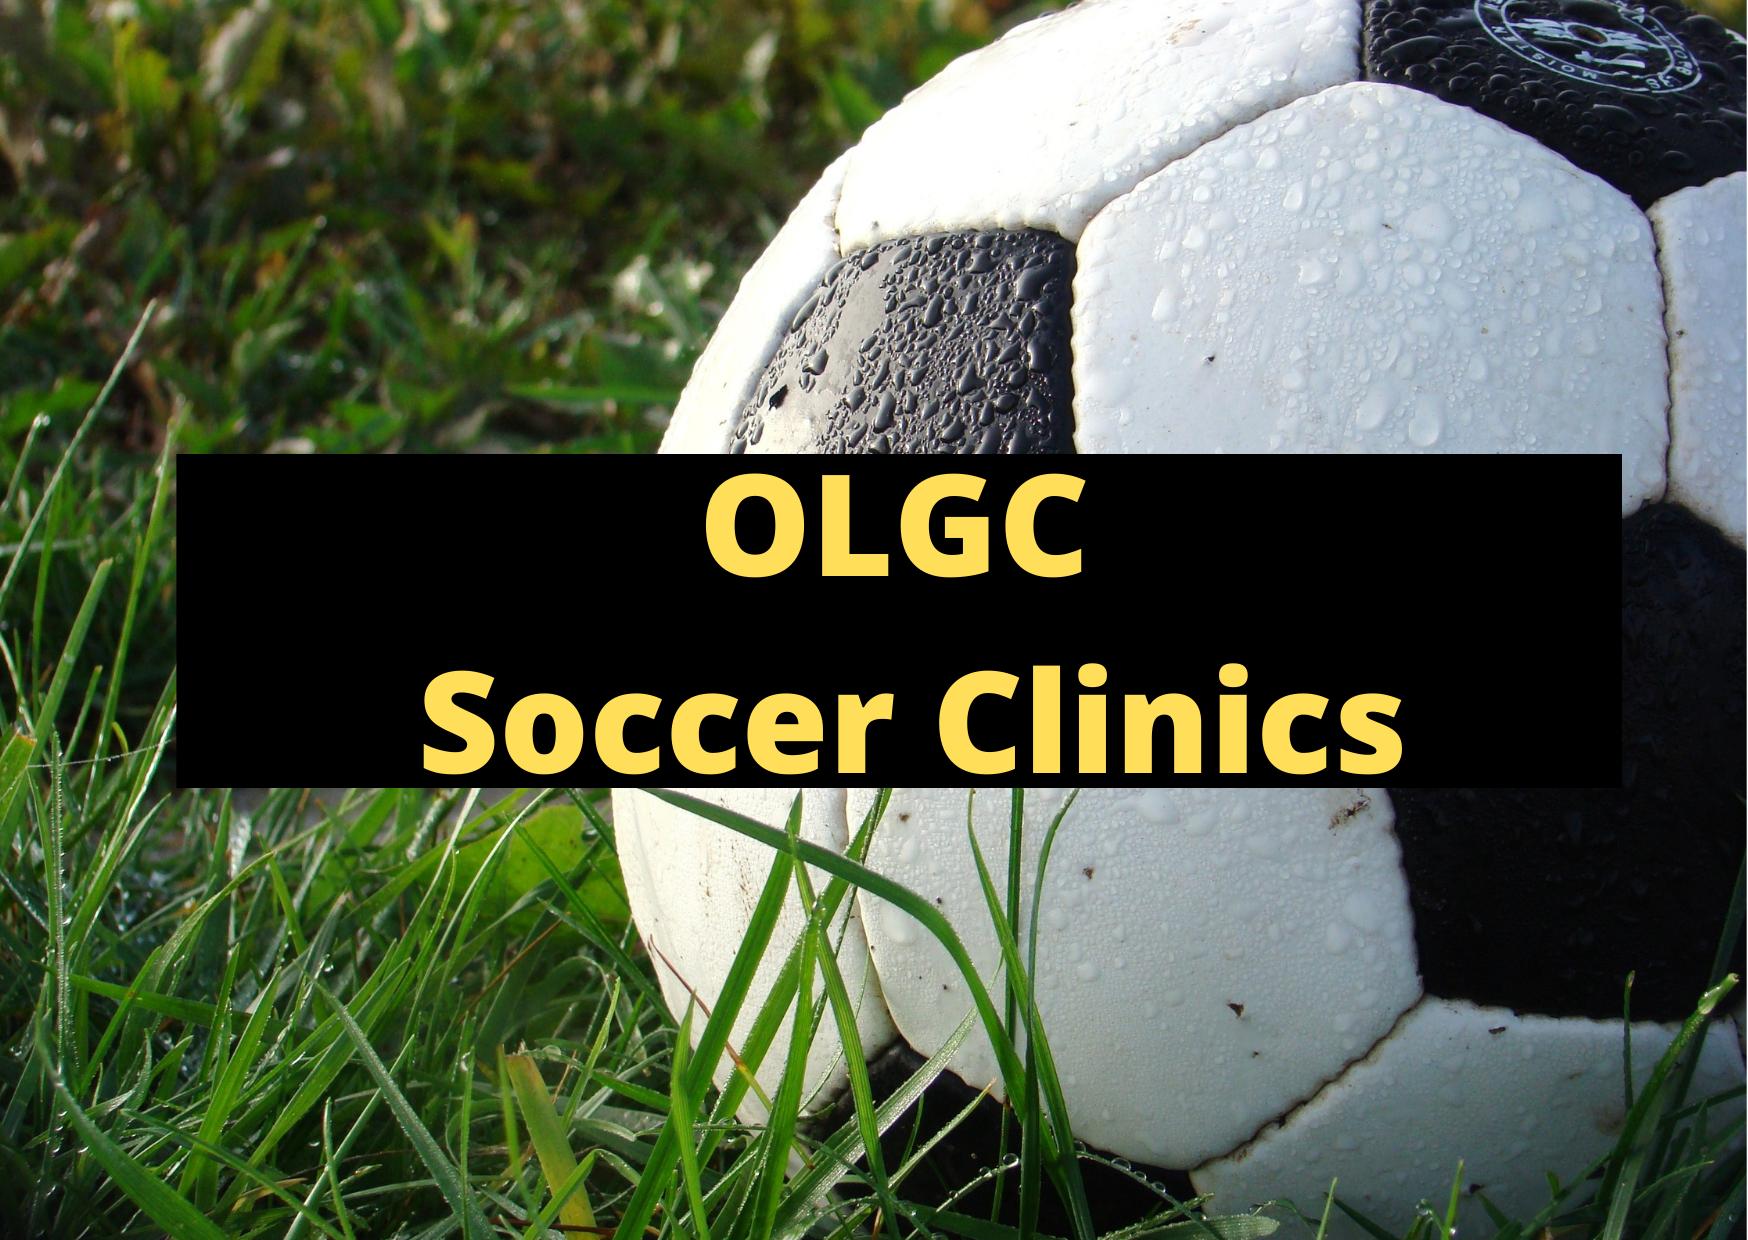 OLGC Soccer Clinics